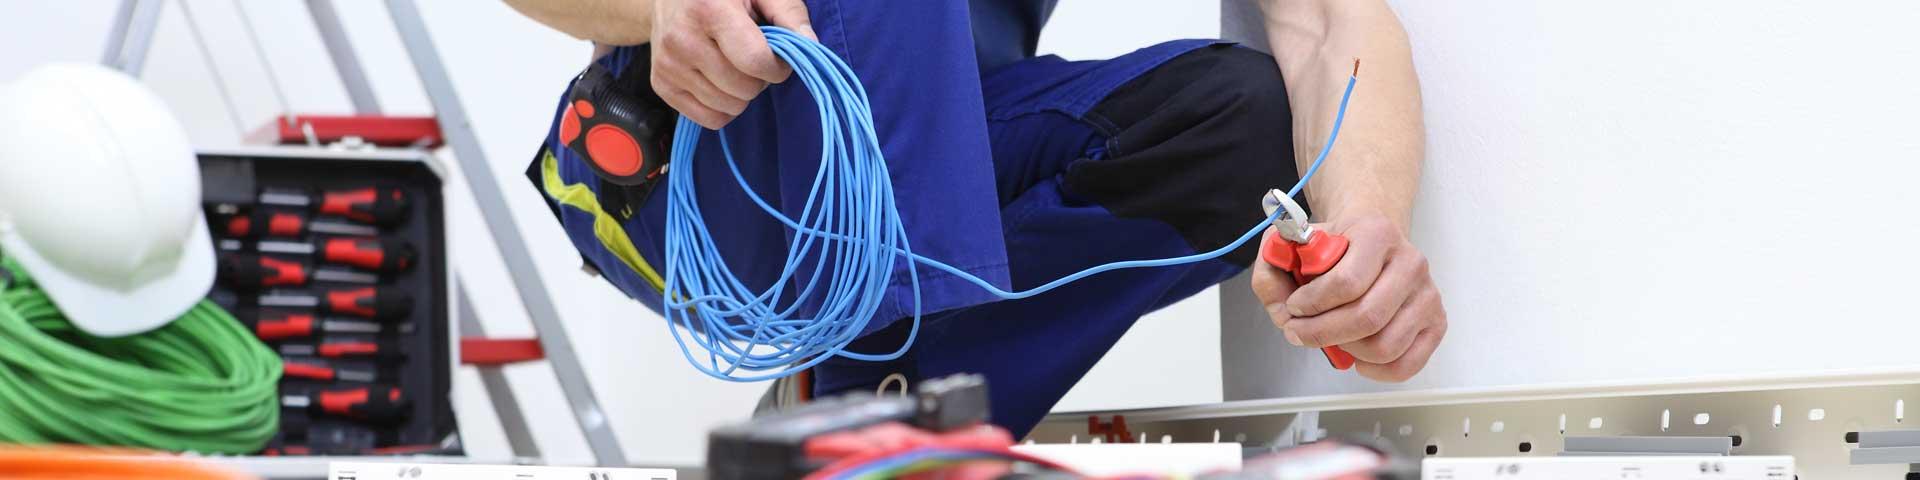 installatie internet door klushulp monteur